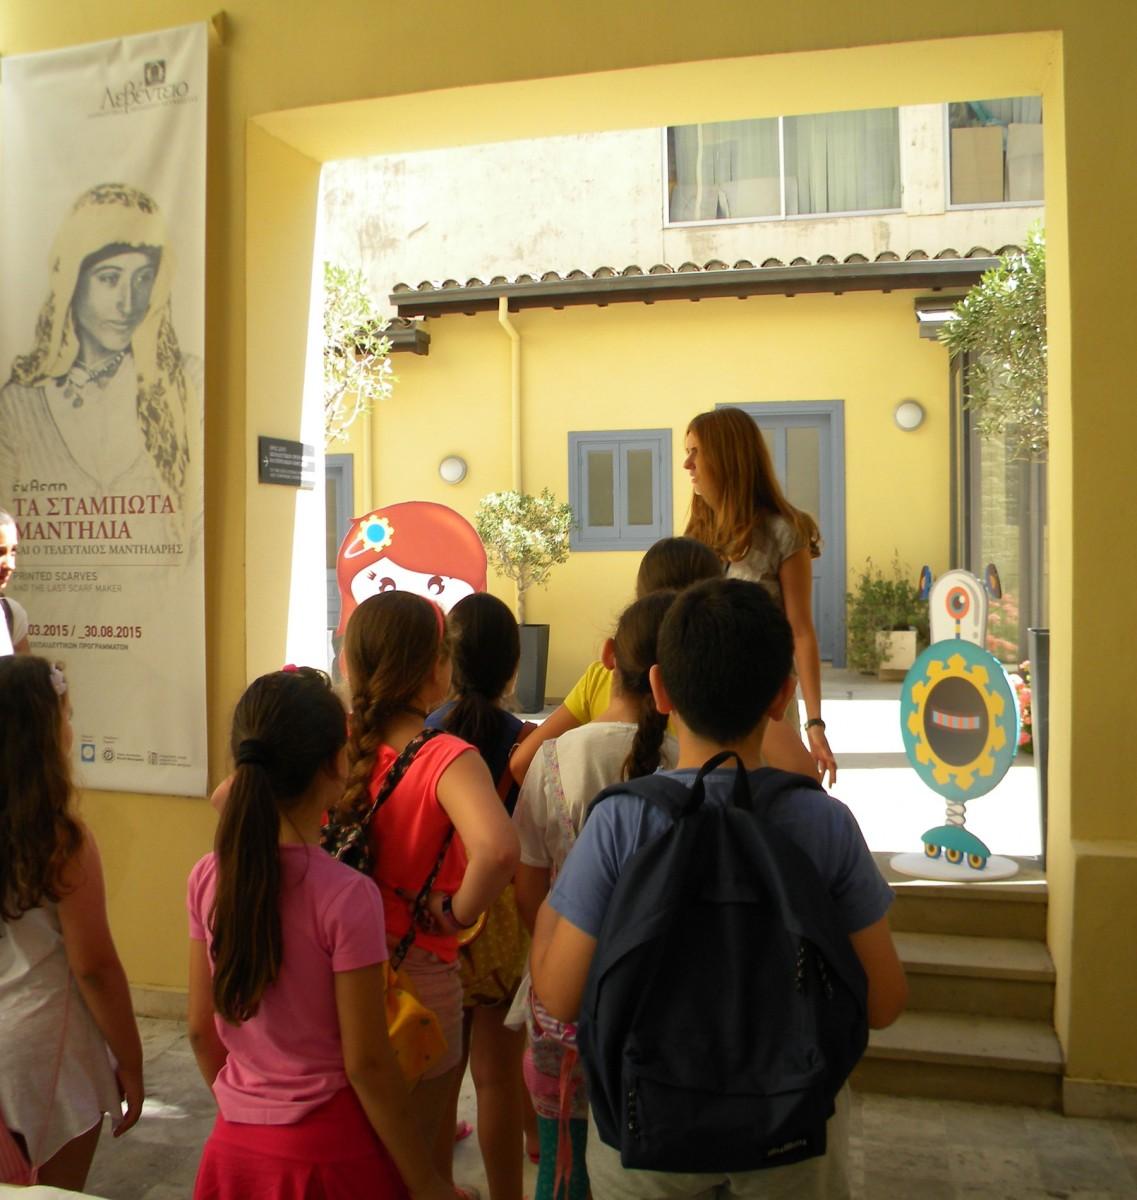 Εκπαιδευτικά προγράμματα στο Λεβέντειο Δημοτικό Μουσείο Λευκωσίας.